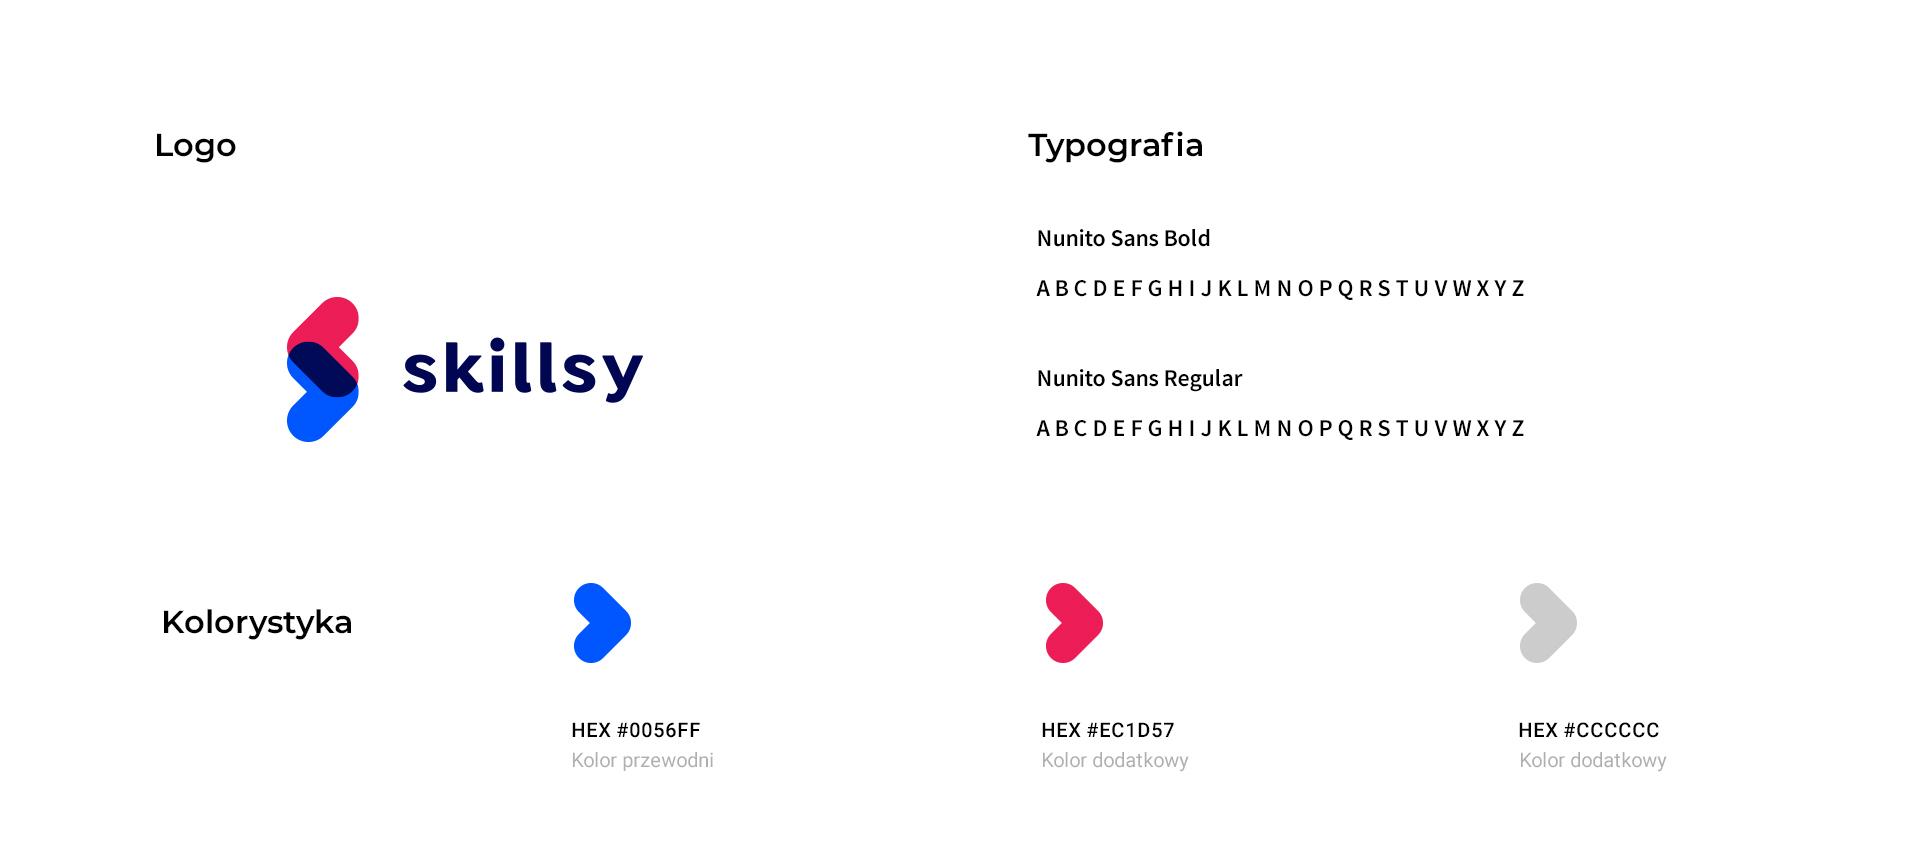 Typografia i kolorystyka stworzona do identyfikacji marki Skillsy przez agencję digitalową FROGRIOT